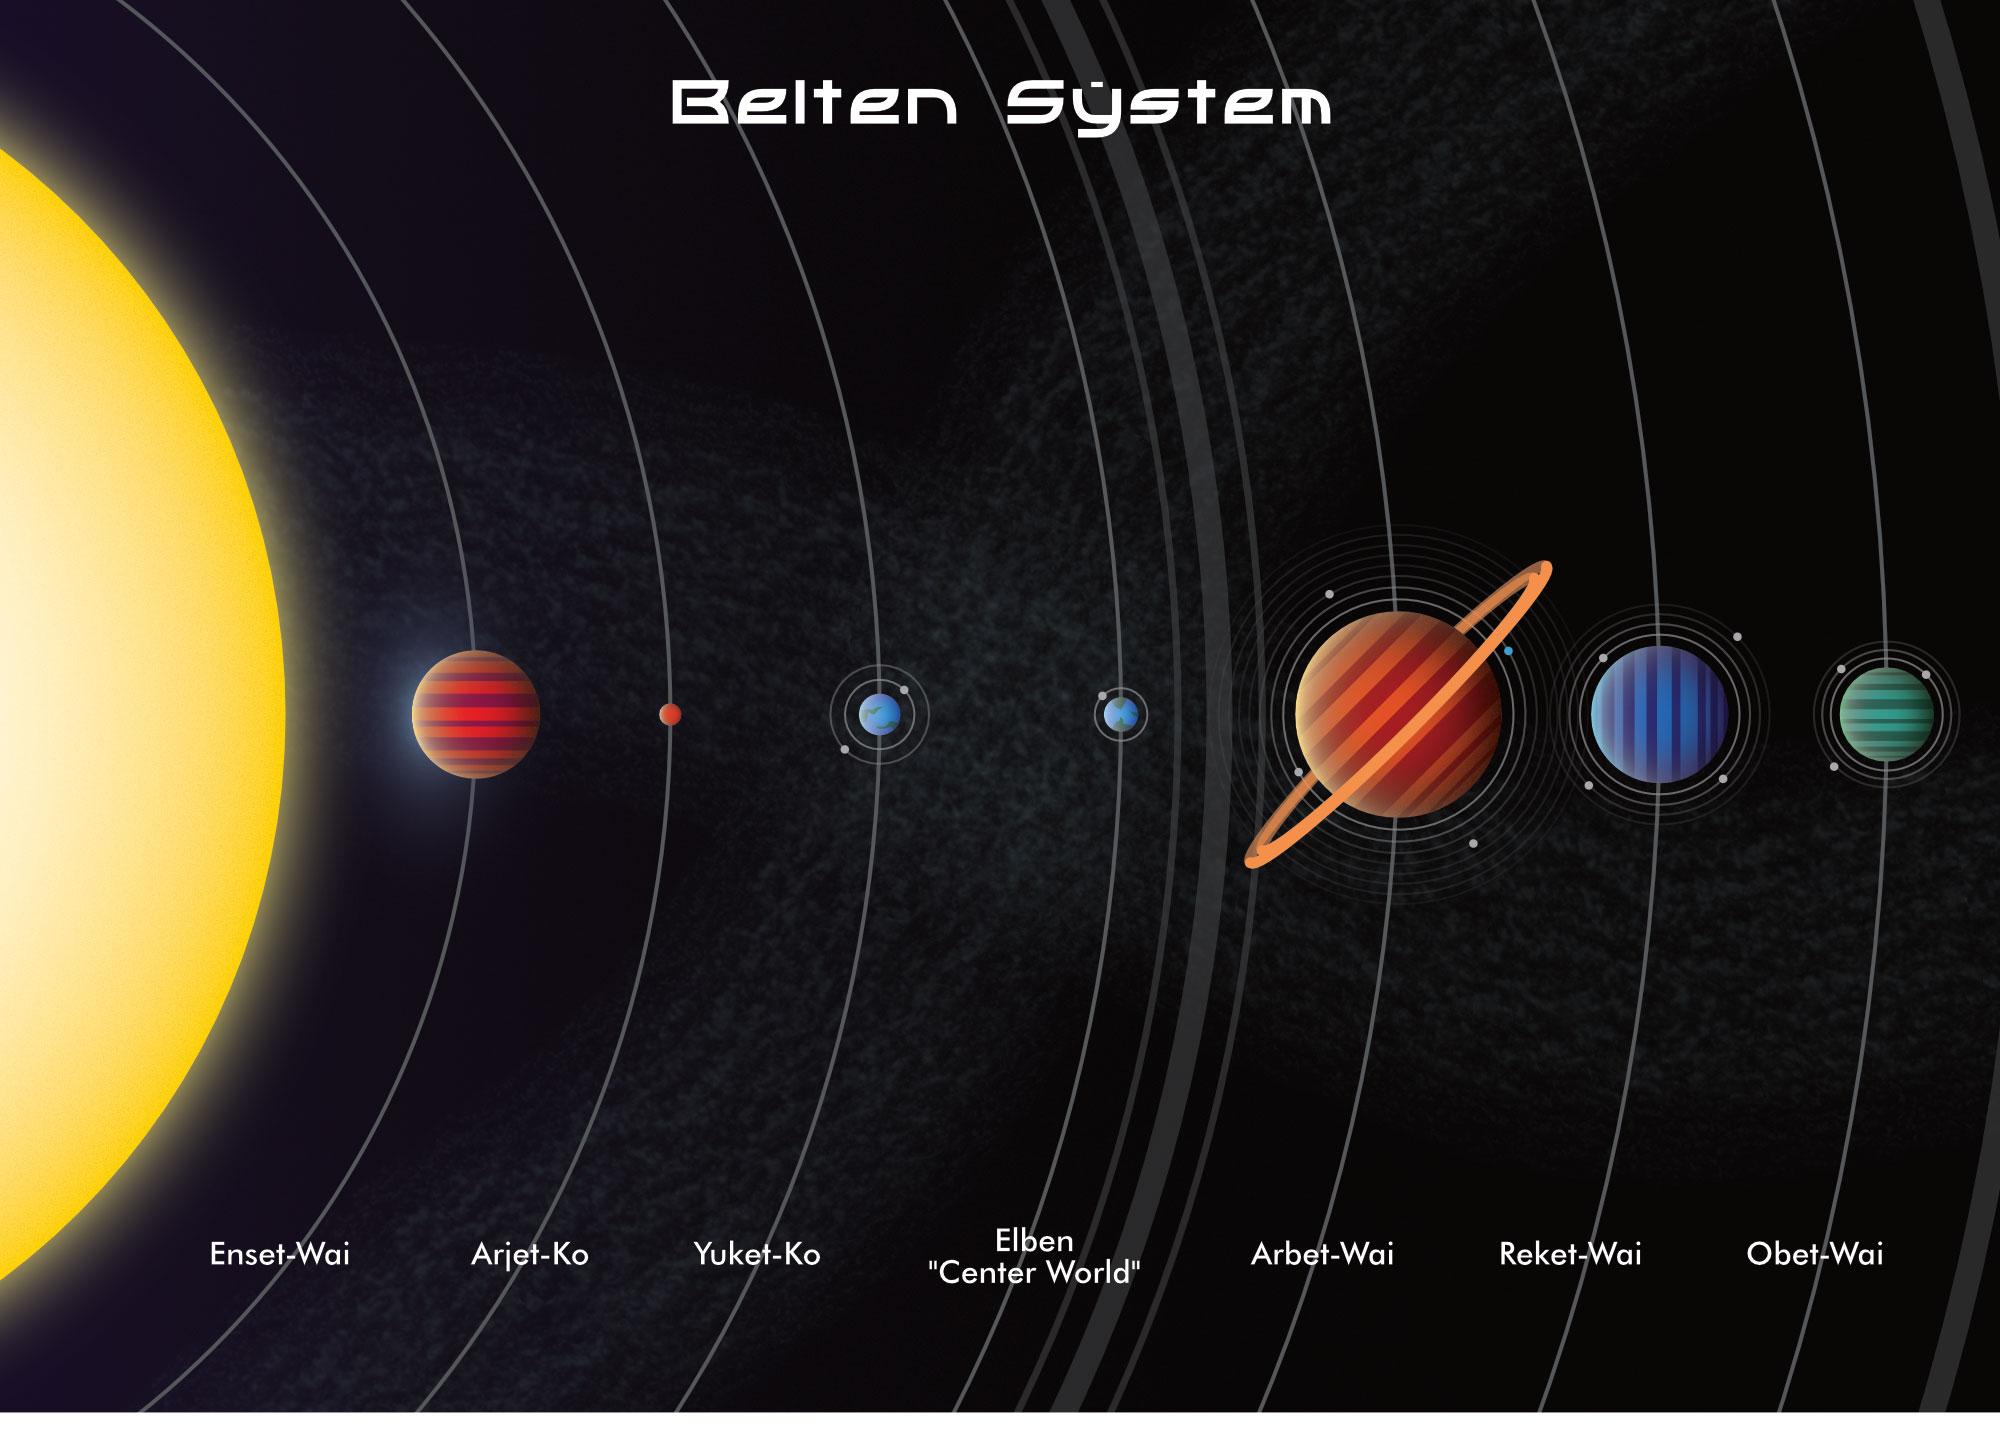 Belten System